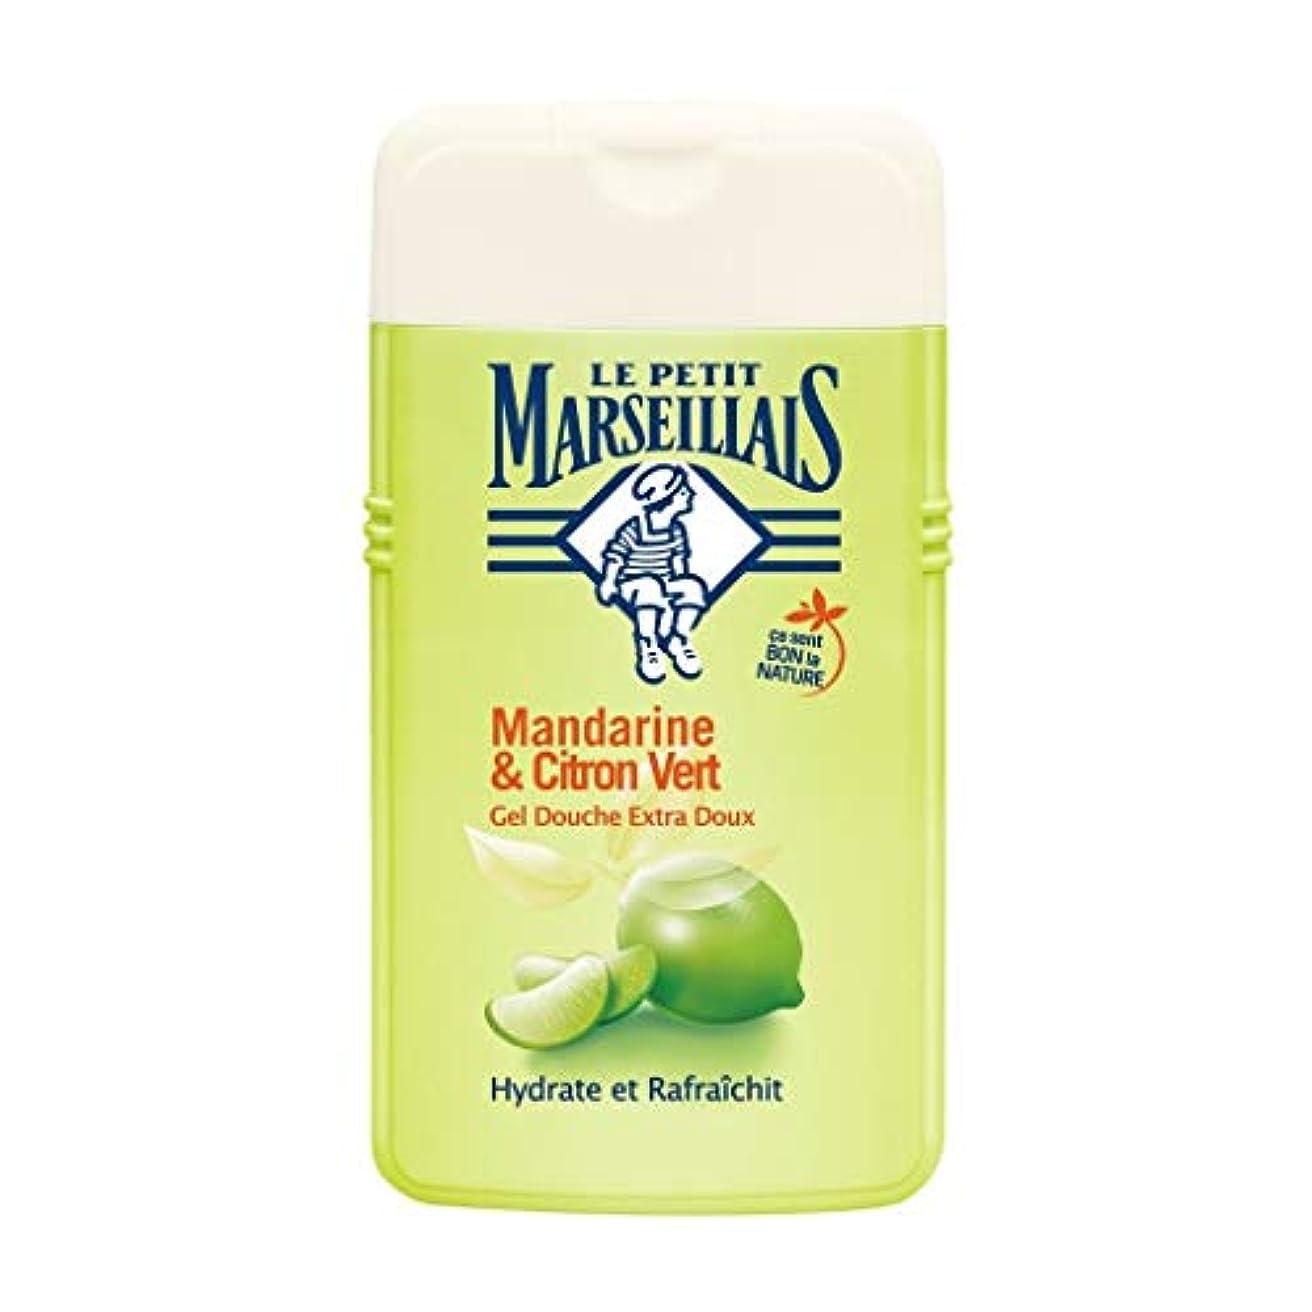 失速リアル準備するル プティ マルセイユ Le Petit Marseillais シャワージェル/ボディソープ (マンダリンオレンジ と ライム, 250 ml)